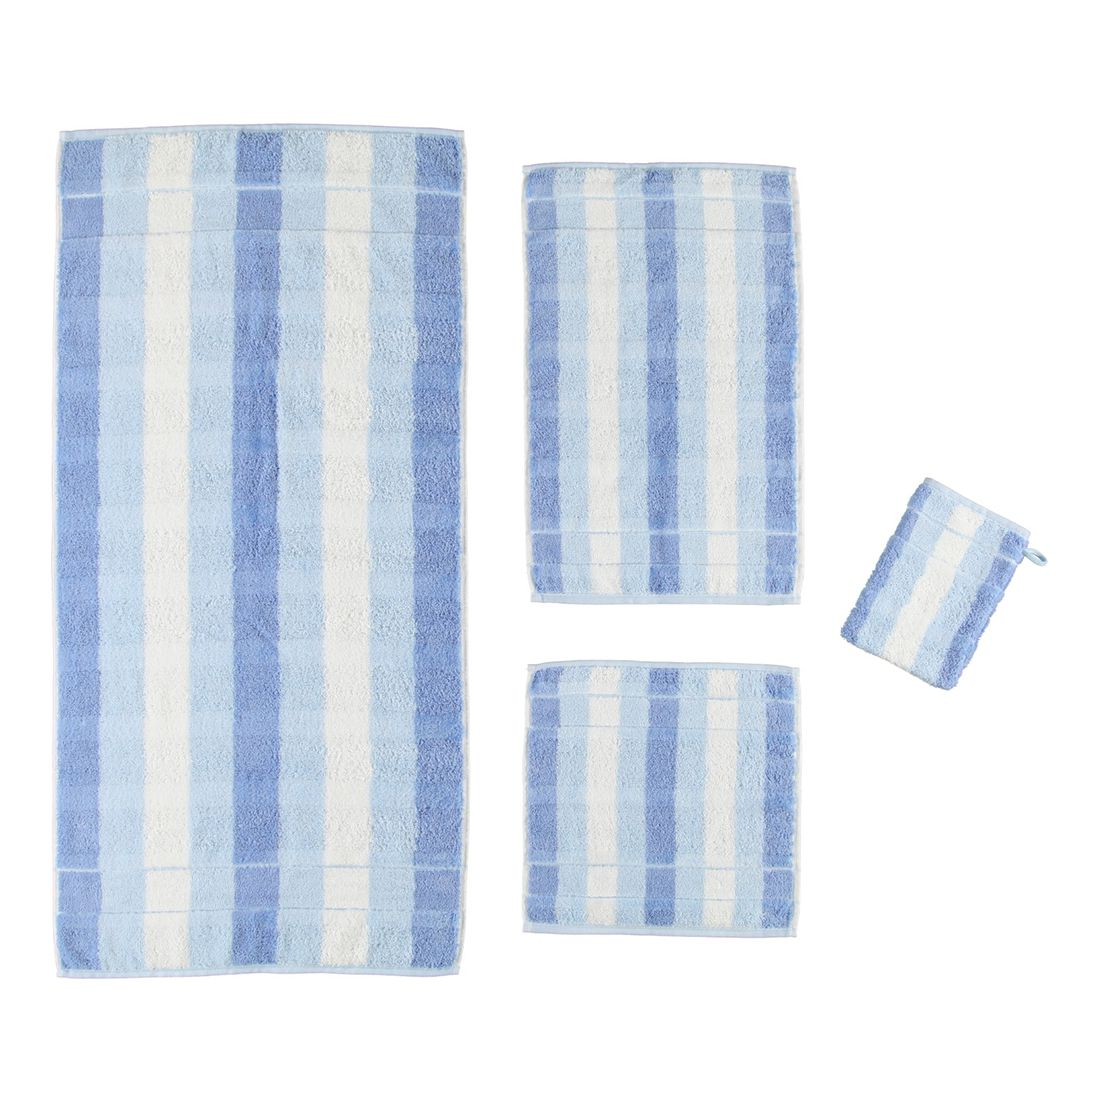 Handtuch Noblesse2 Blockstreifen – 100% Baumwolle mittelBlau – 16 – Gästetuch: 30 x 50 cm, Cawö kaufen